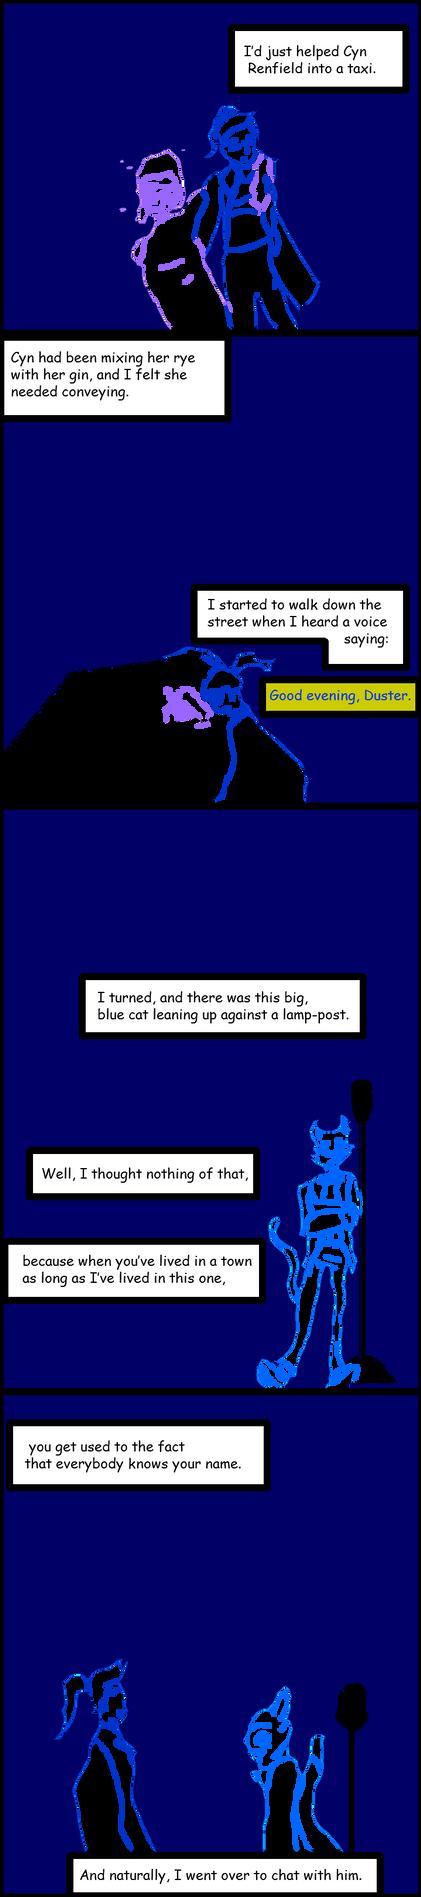 When Zayzay met Duster by JJoseph